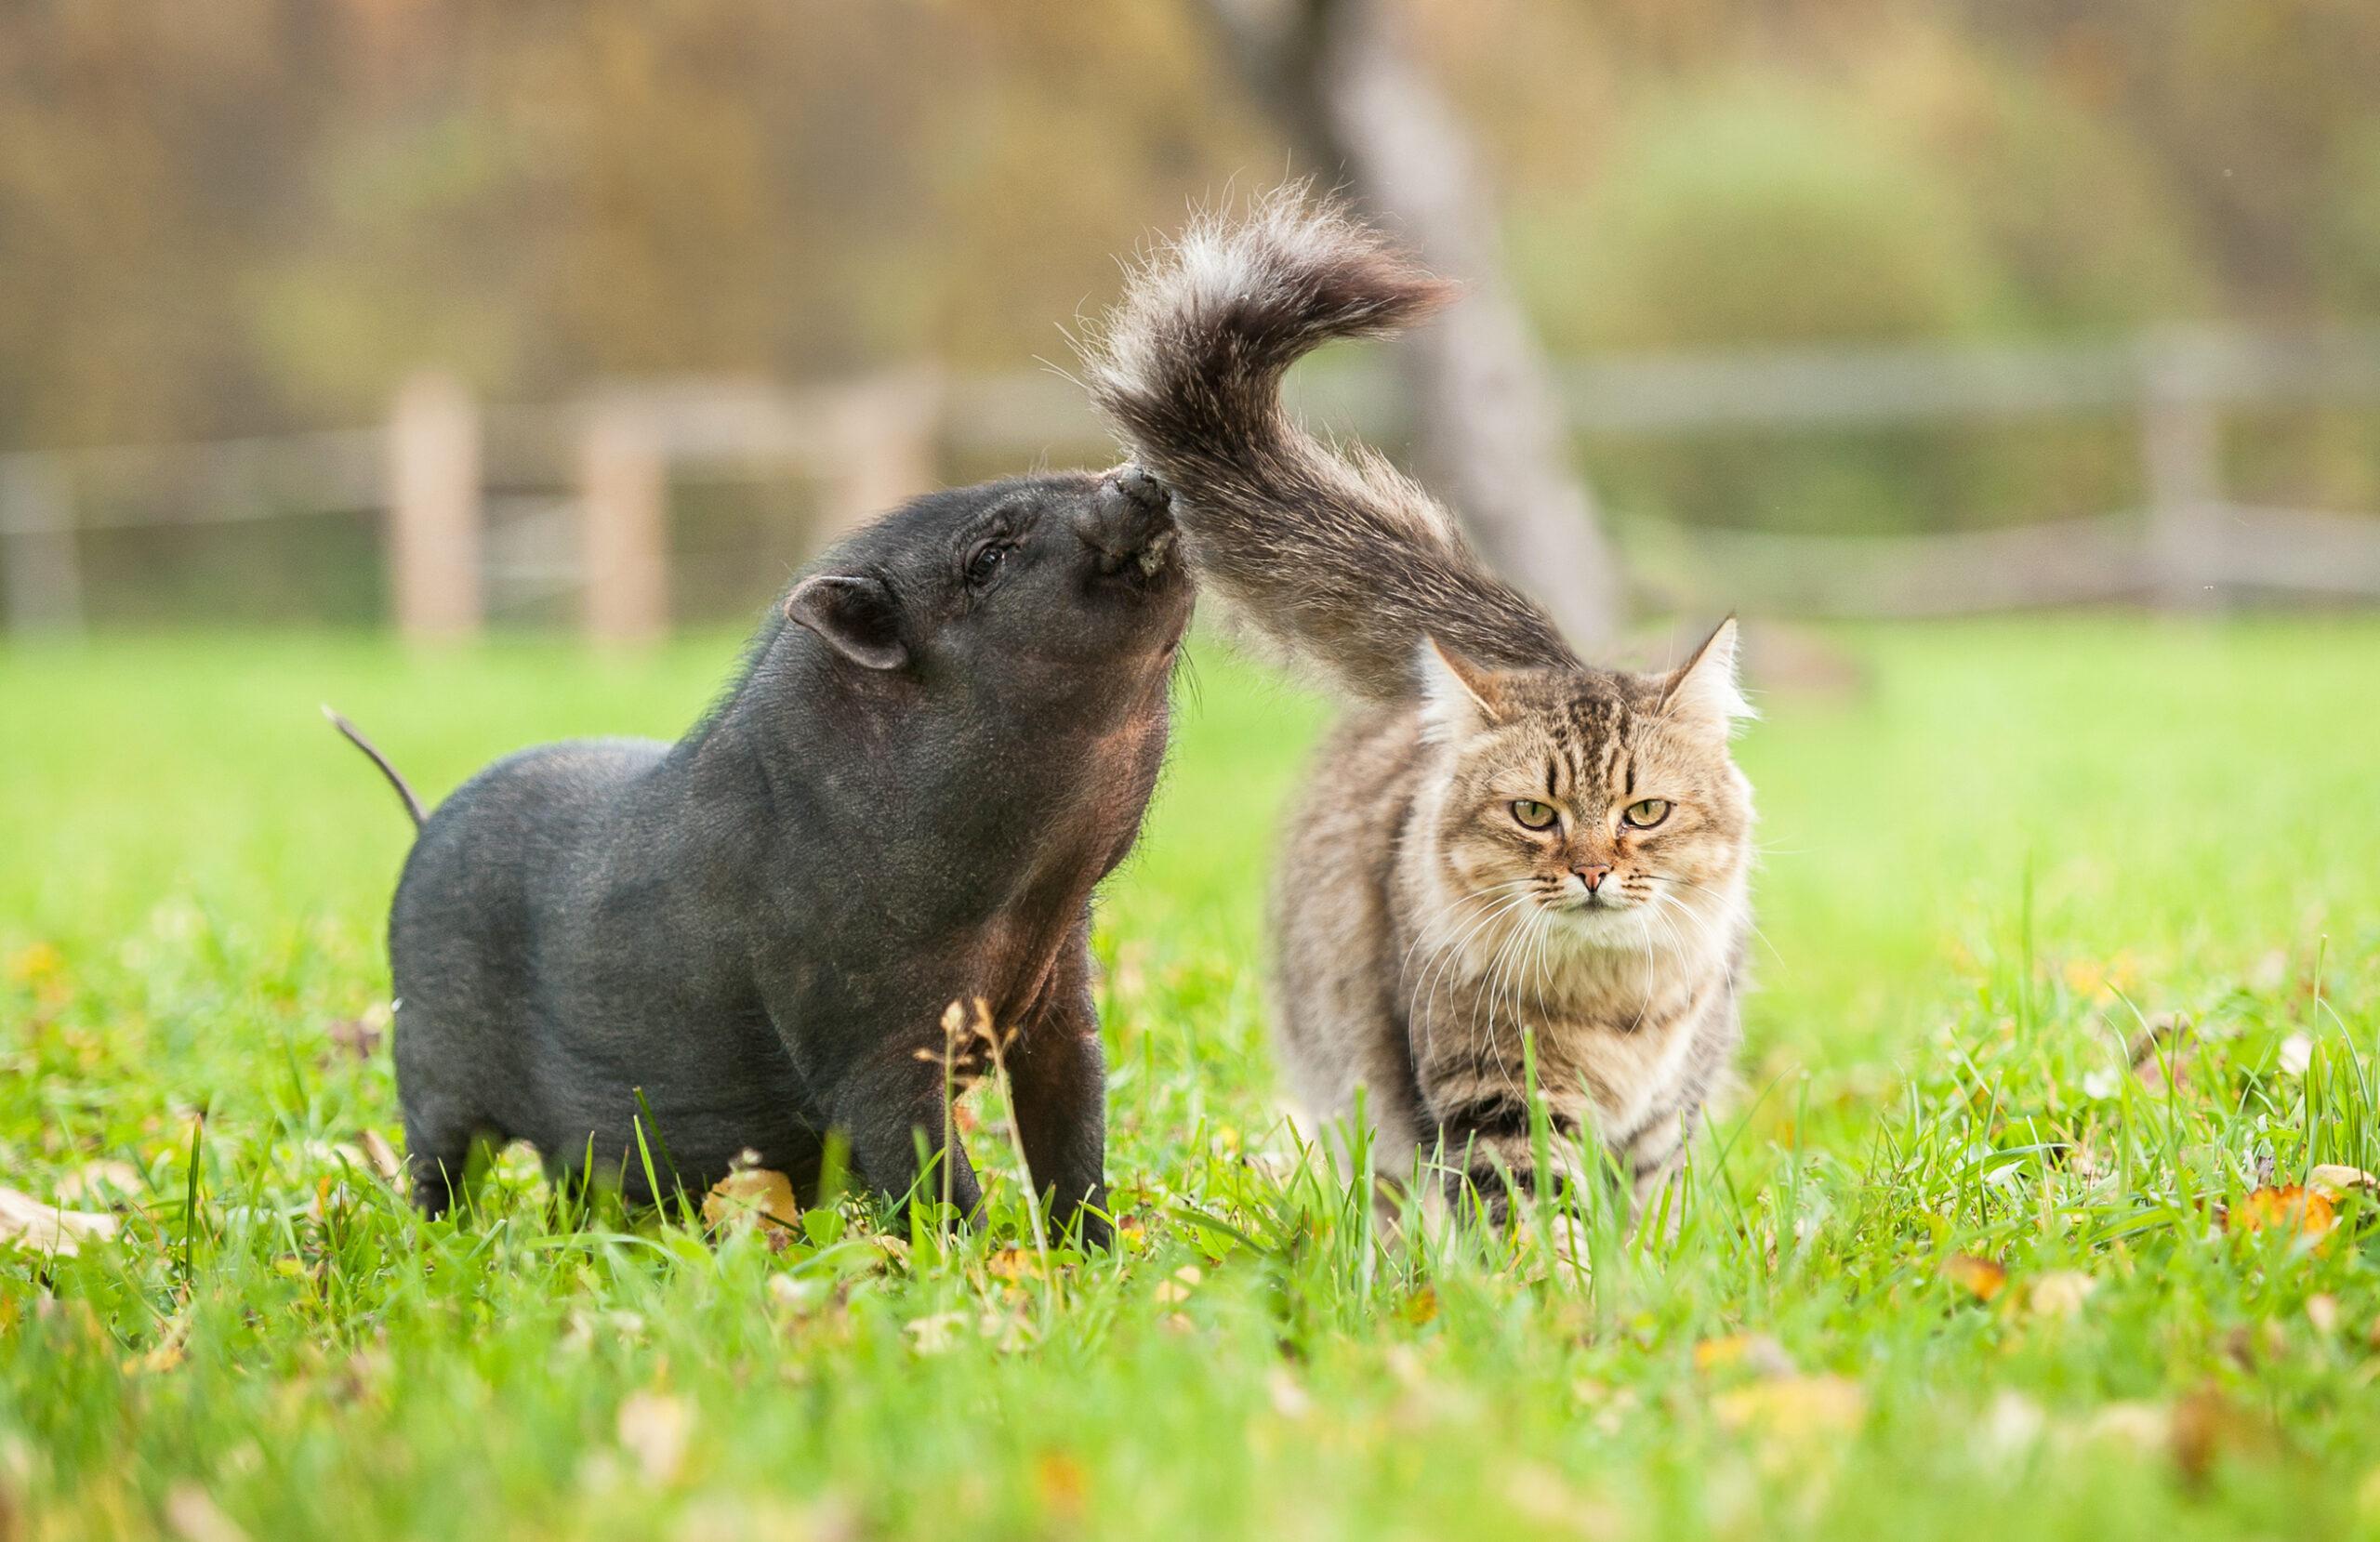 猫本書評:豚にも歴史はありますし、猫にも歴史はありますよ